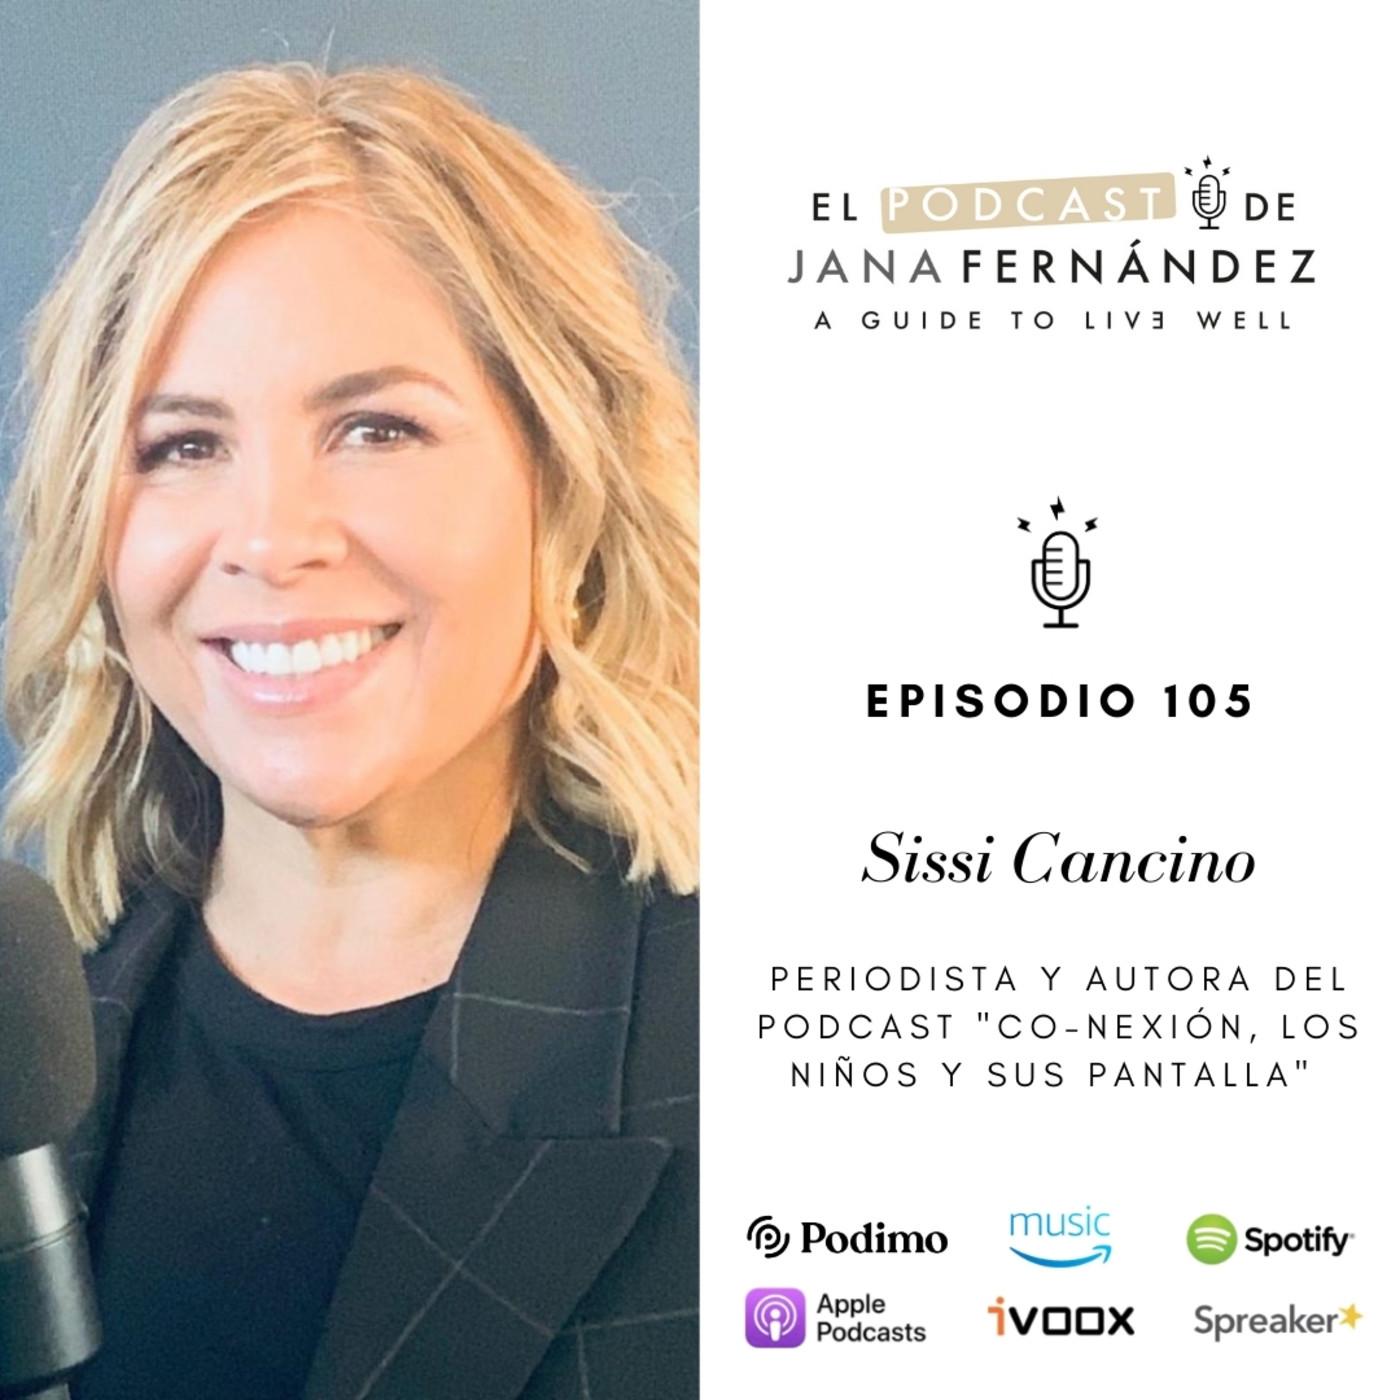 Desconexión tecnológica y economía de la atención, con Sissi Cancino